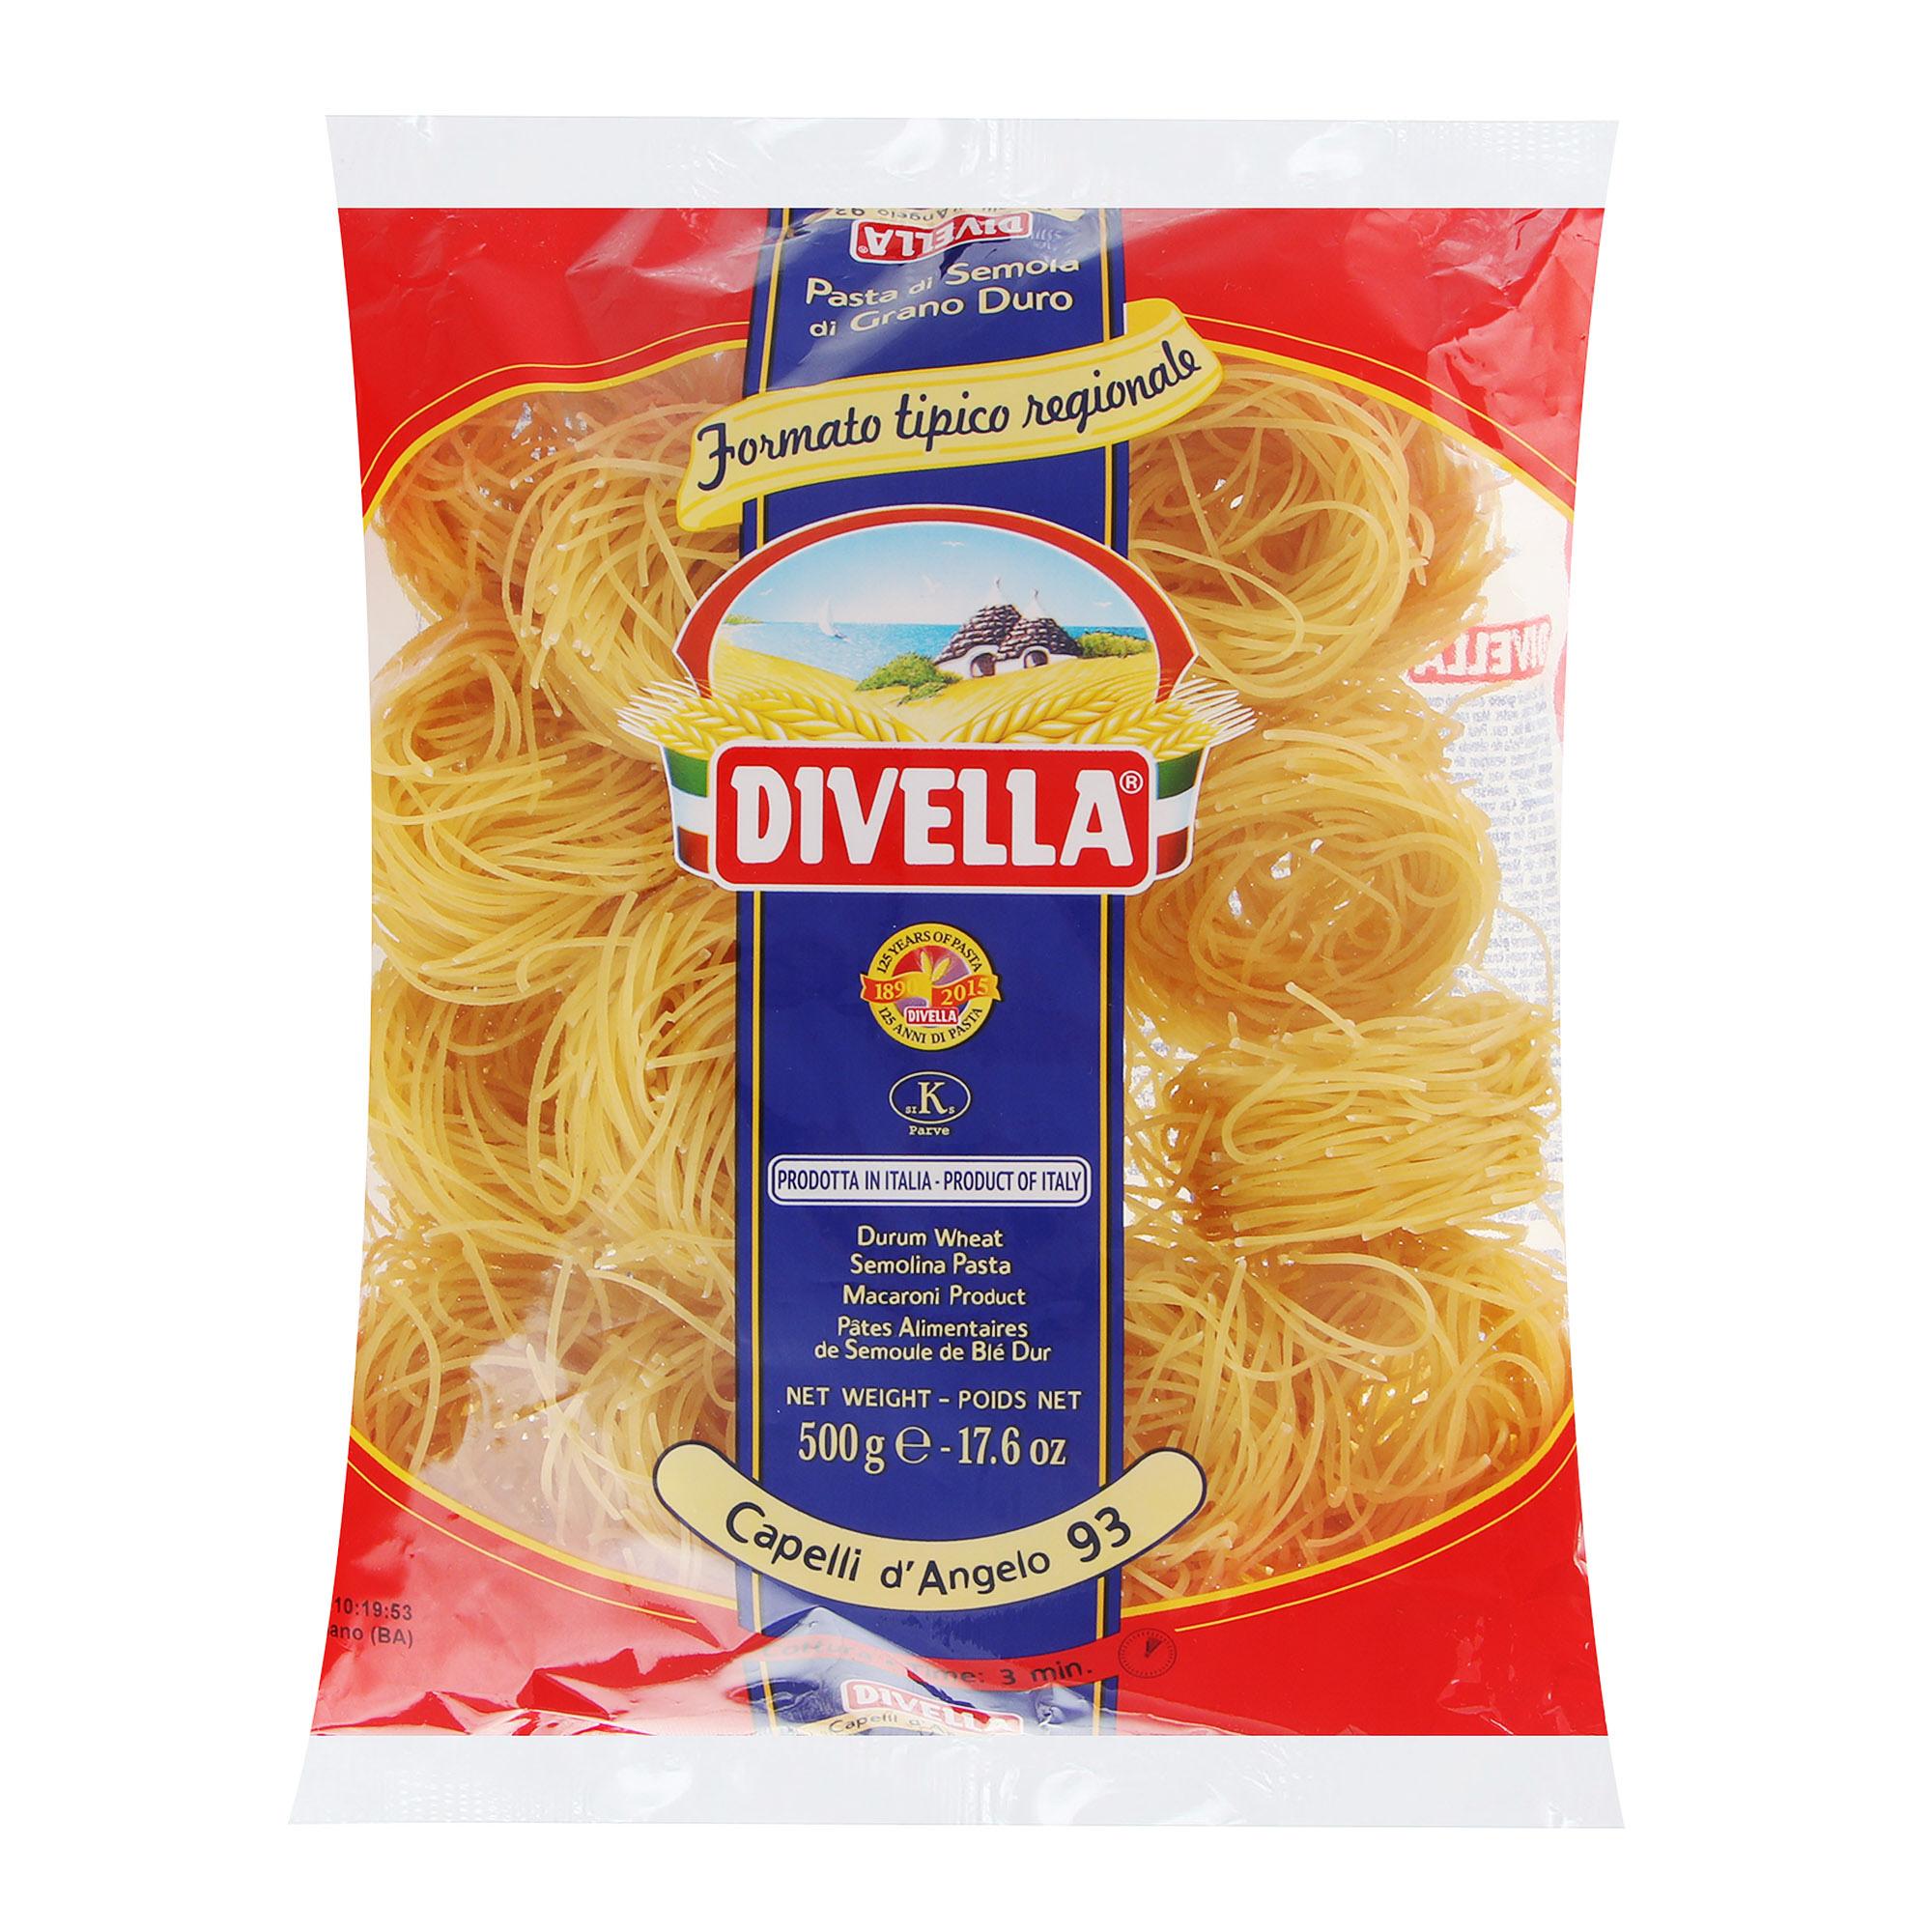 Фото - Макароны Divella Capelli d`Angelo 500 г макароны divella фузилли 500 г